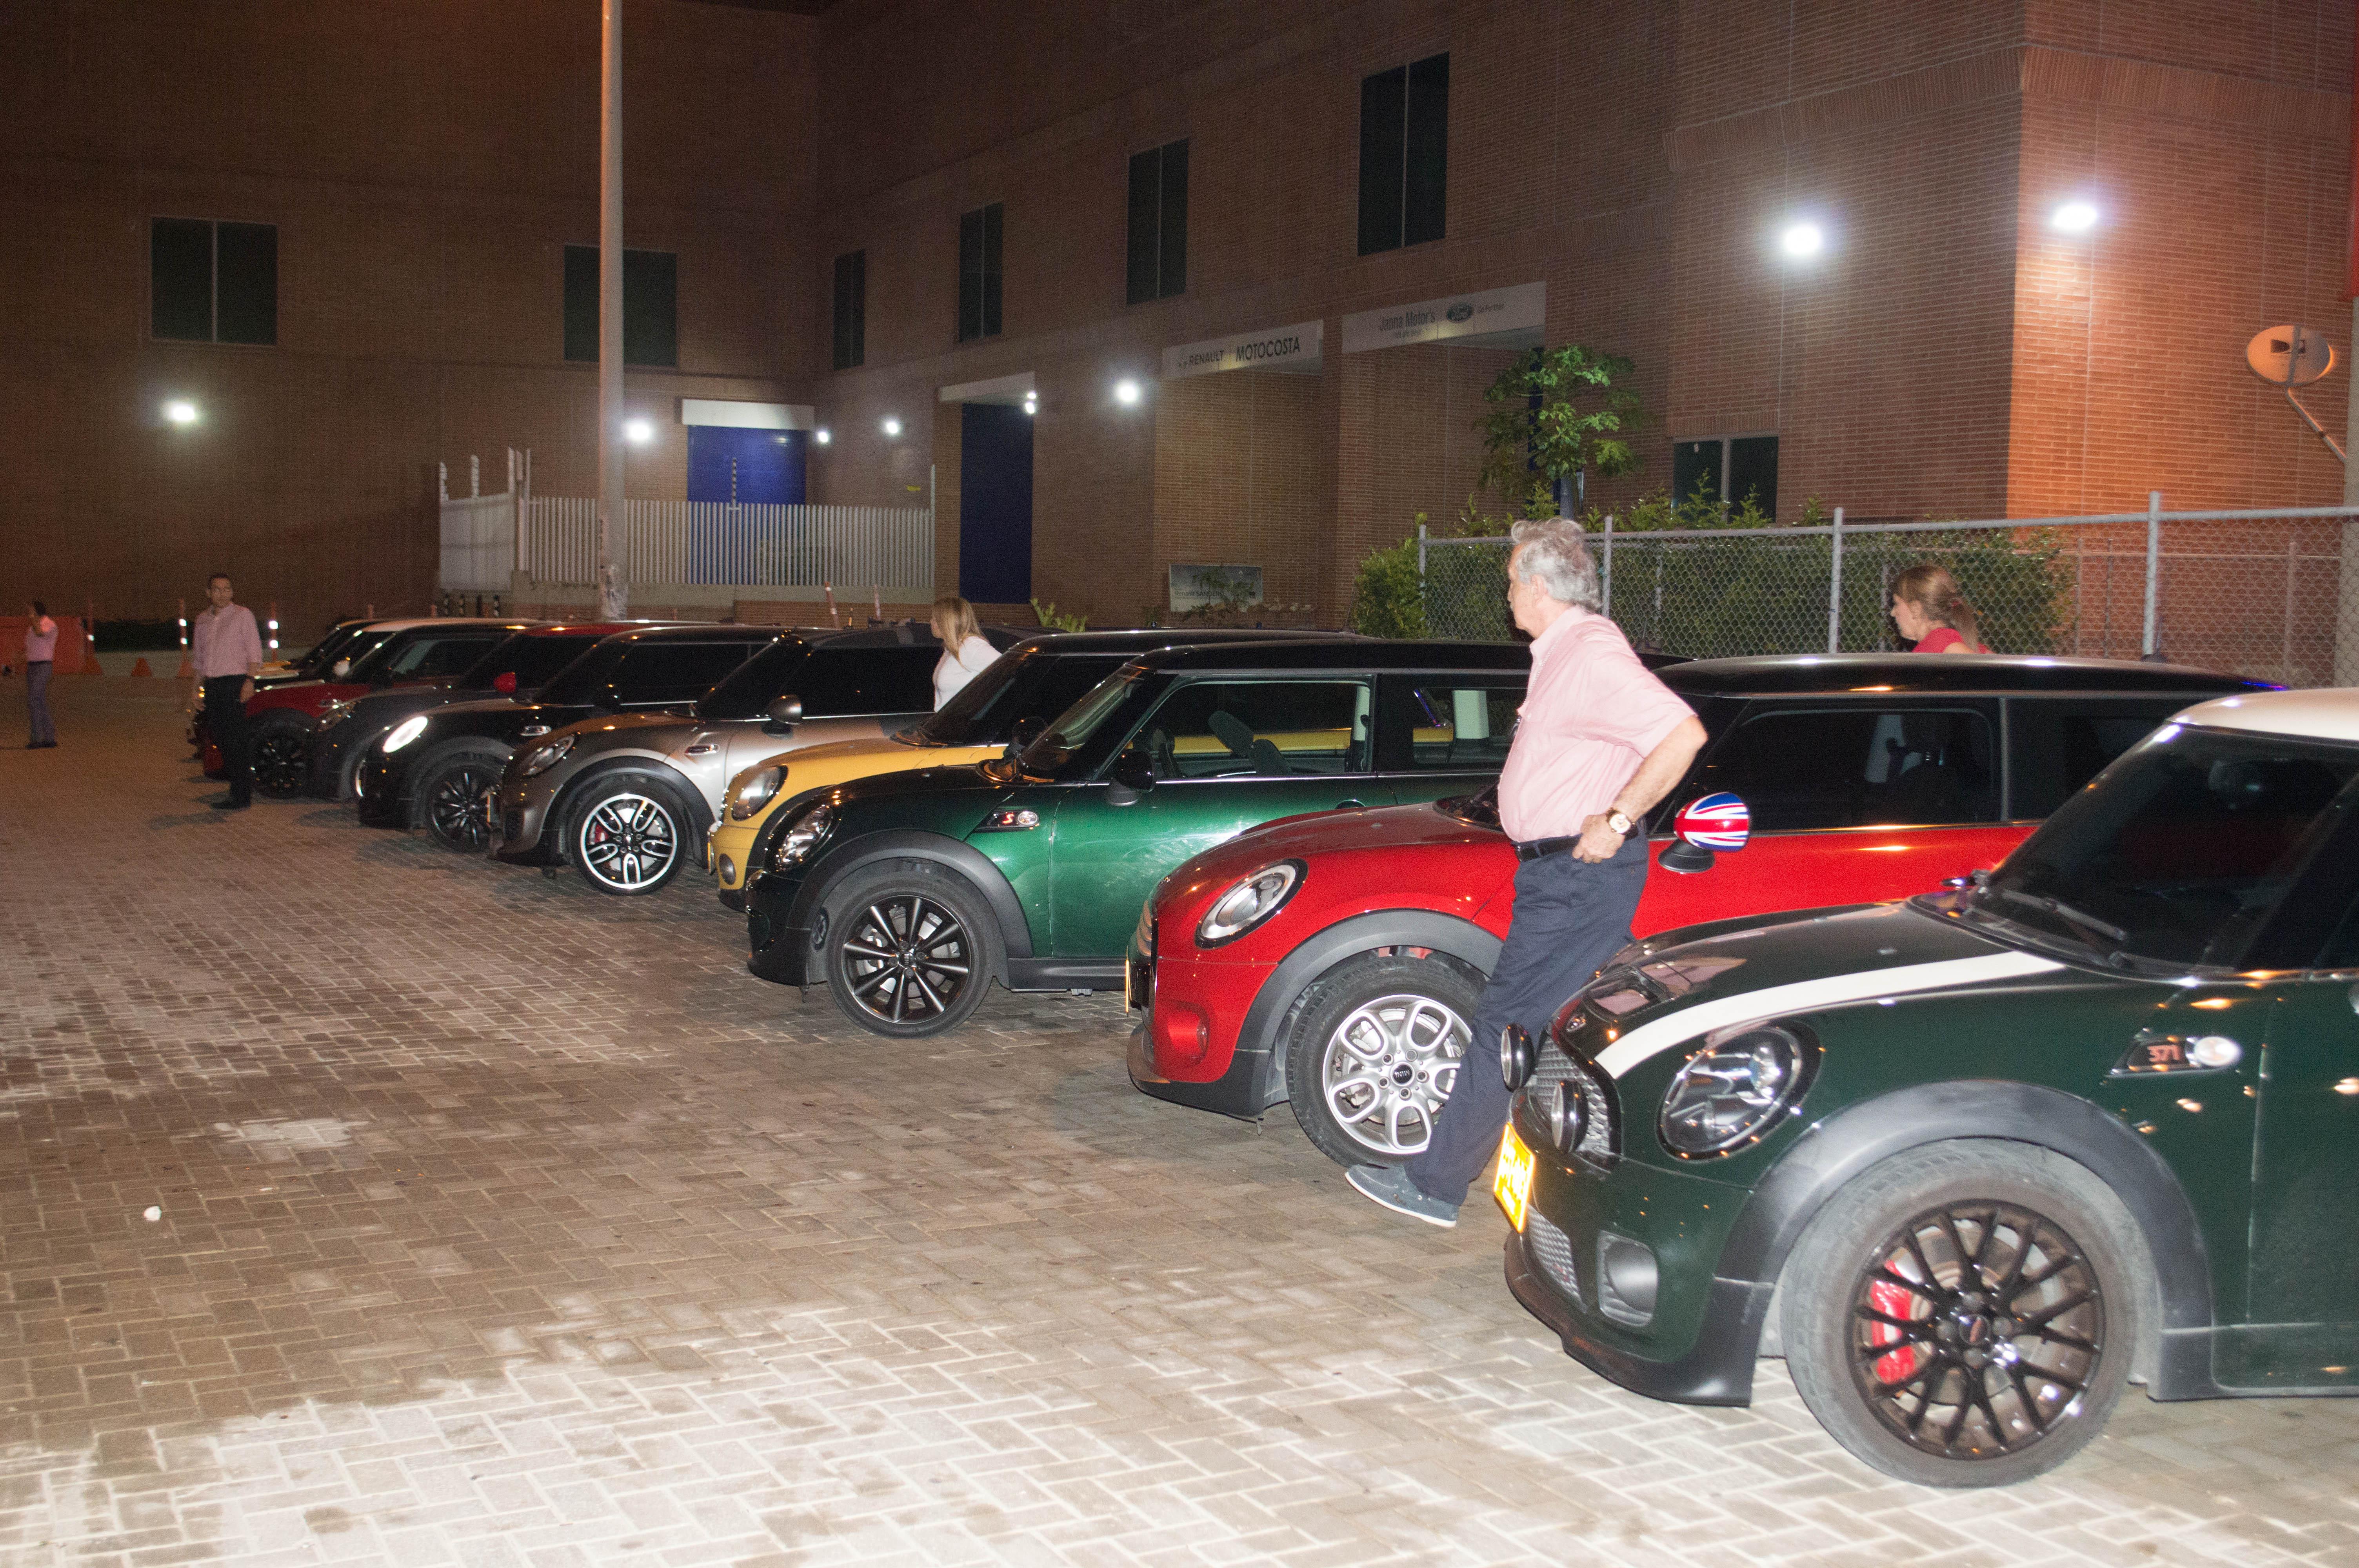 En América del Sur, Venezuela y Chile fueron los países en los que Mini tuvo predominio sobre otros vehículos utilitarios.